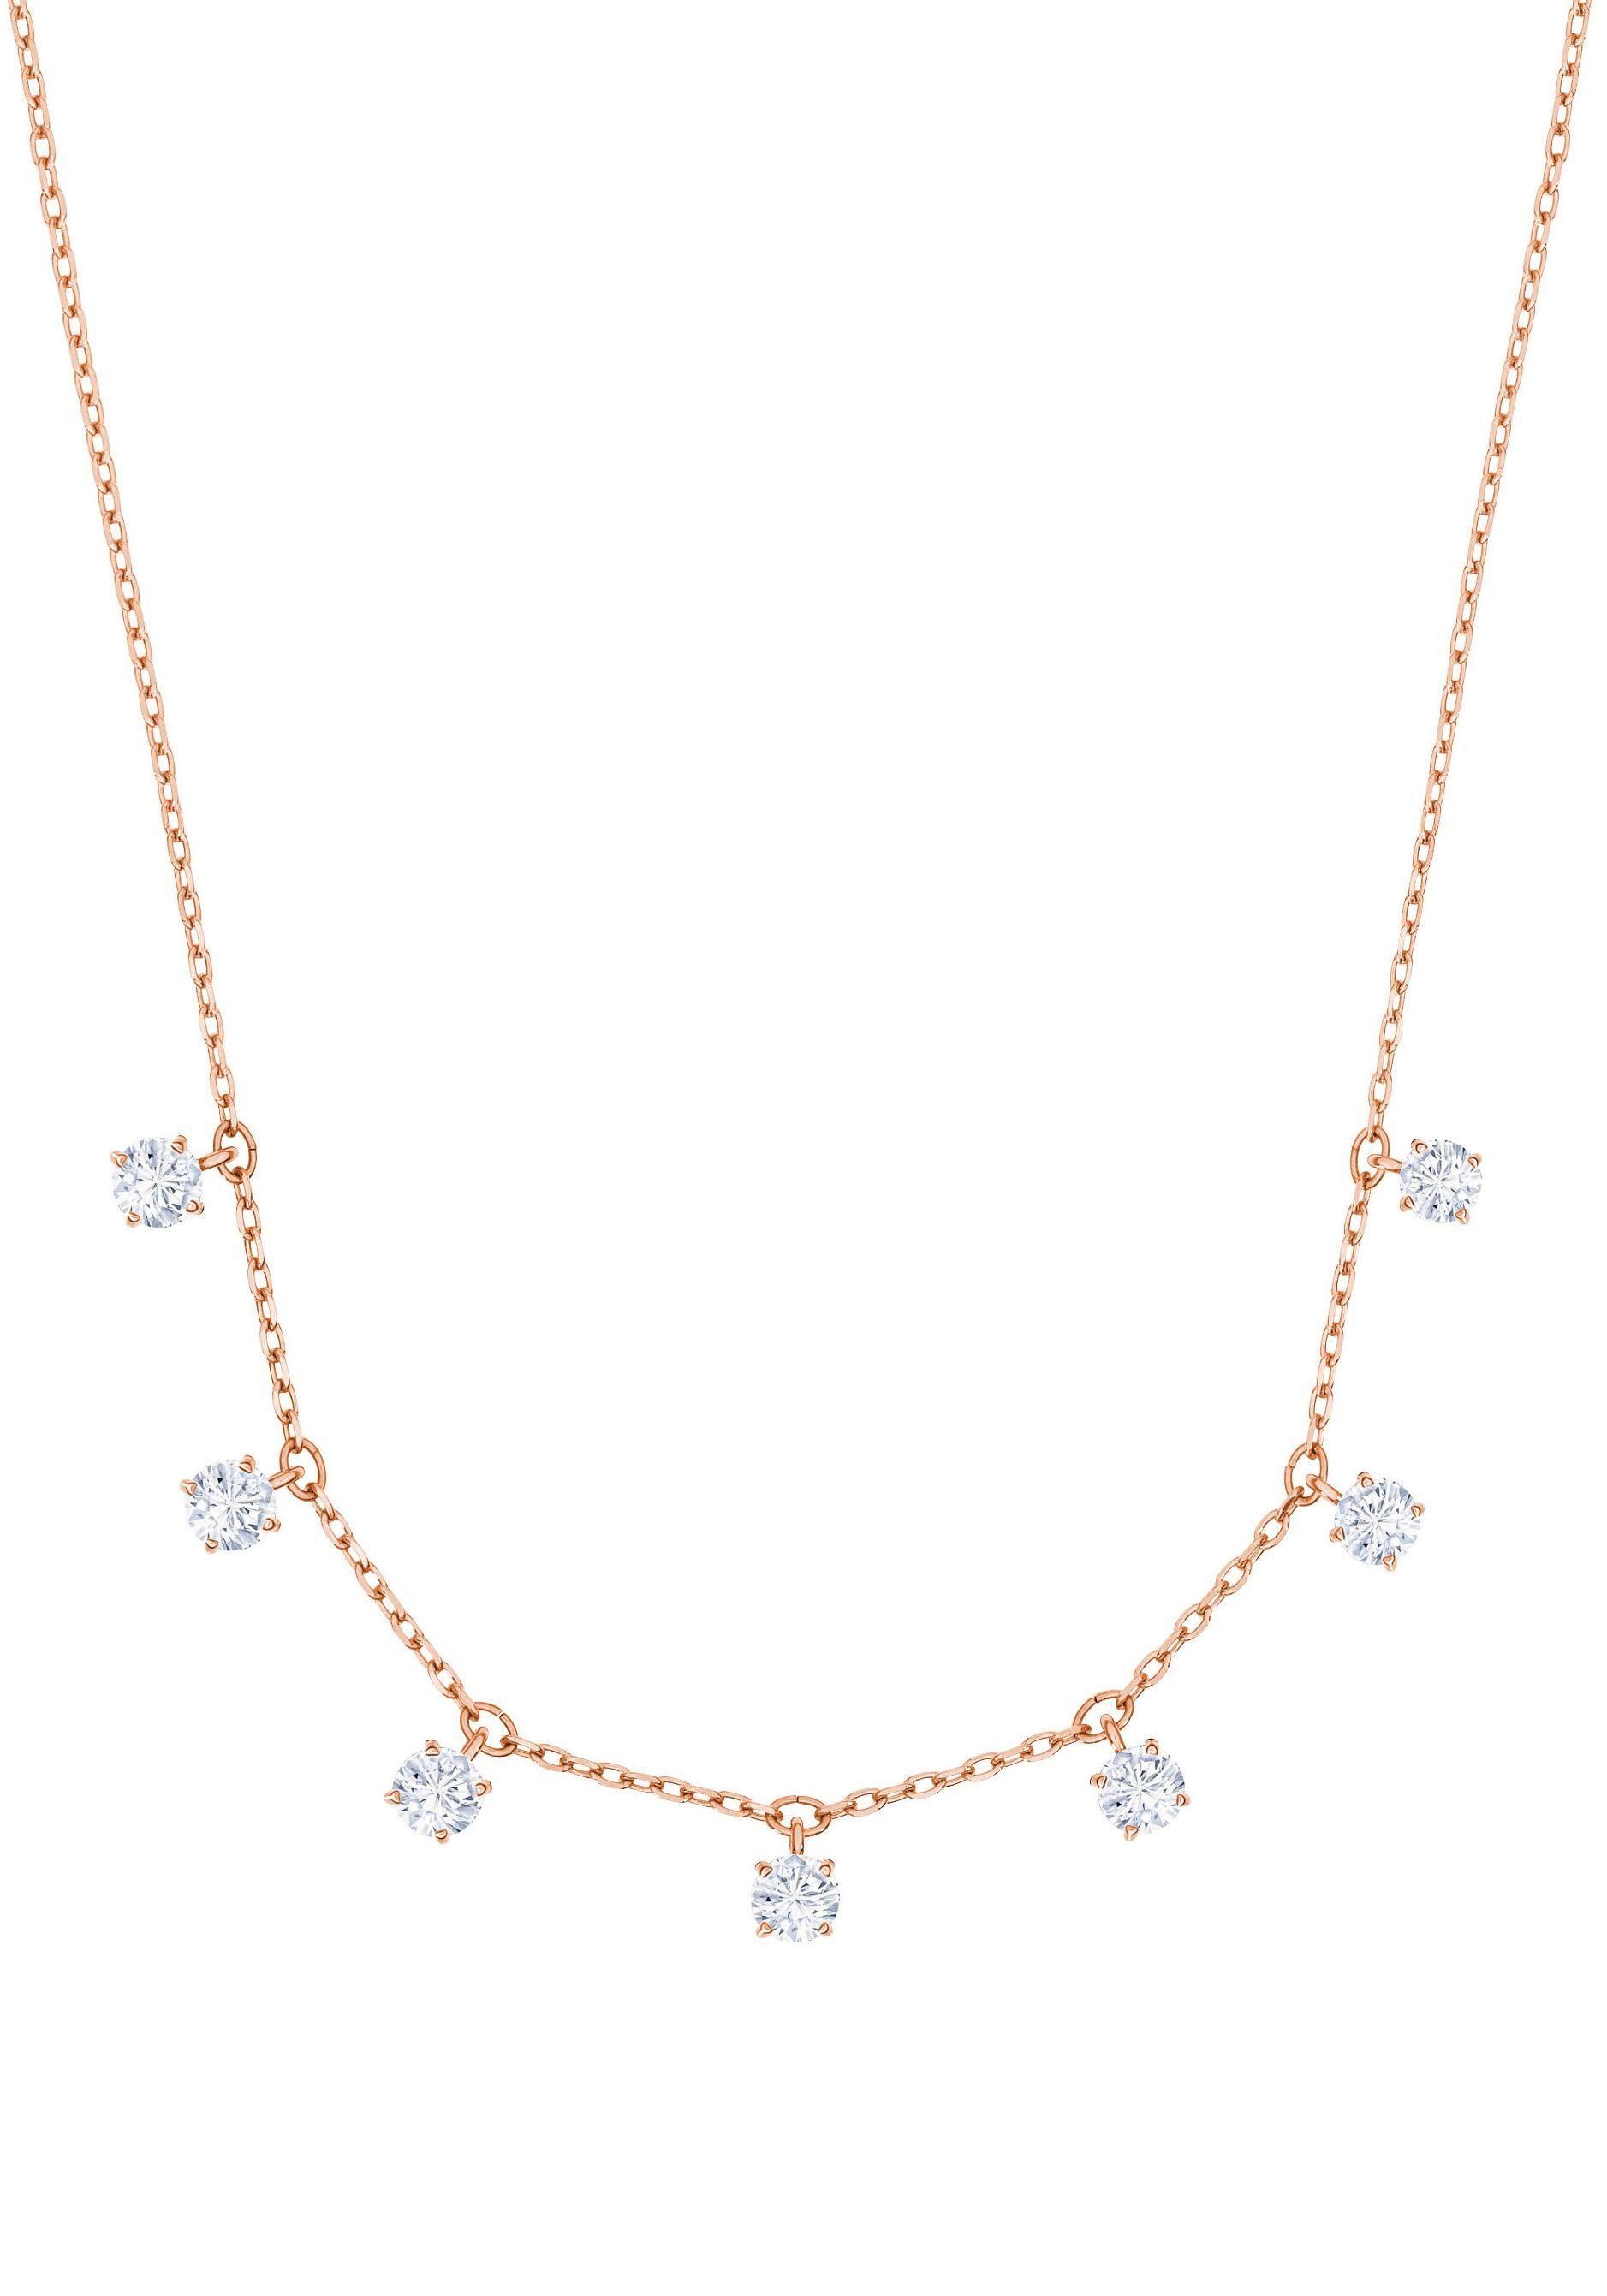 Swarovski Kette mit Anhänger »Attract Halsband, weiss, rosé Vergoldung, 5380061« mit Swarovski® Kristallen